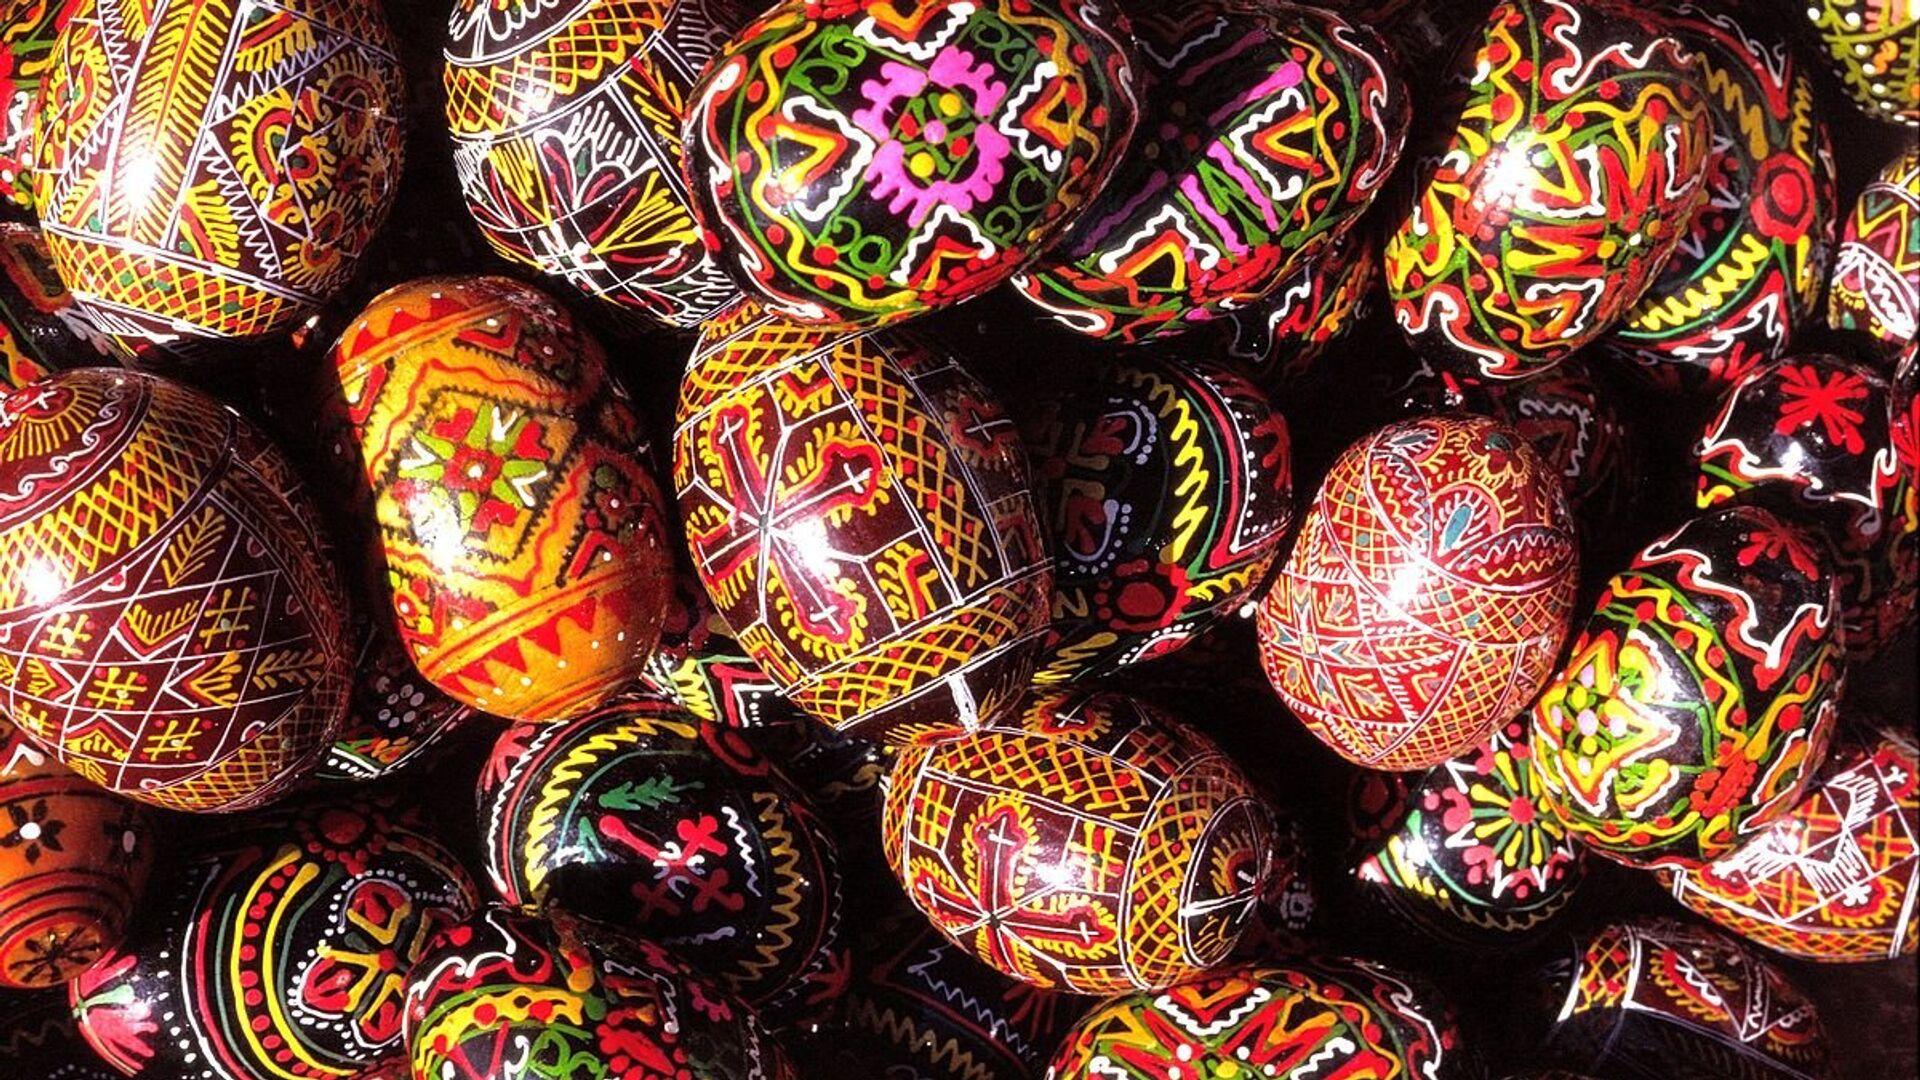 Huevos de Pascua - Sputnik Mundo, 1920, 31.03.2021